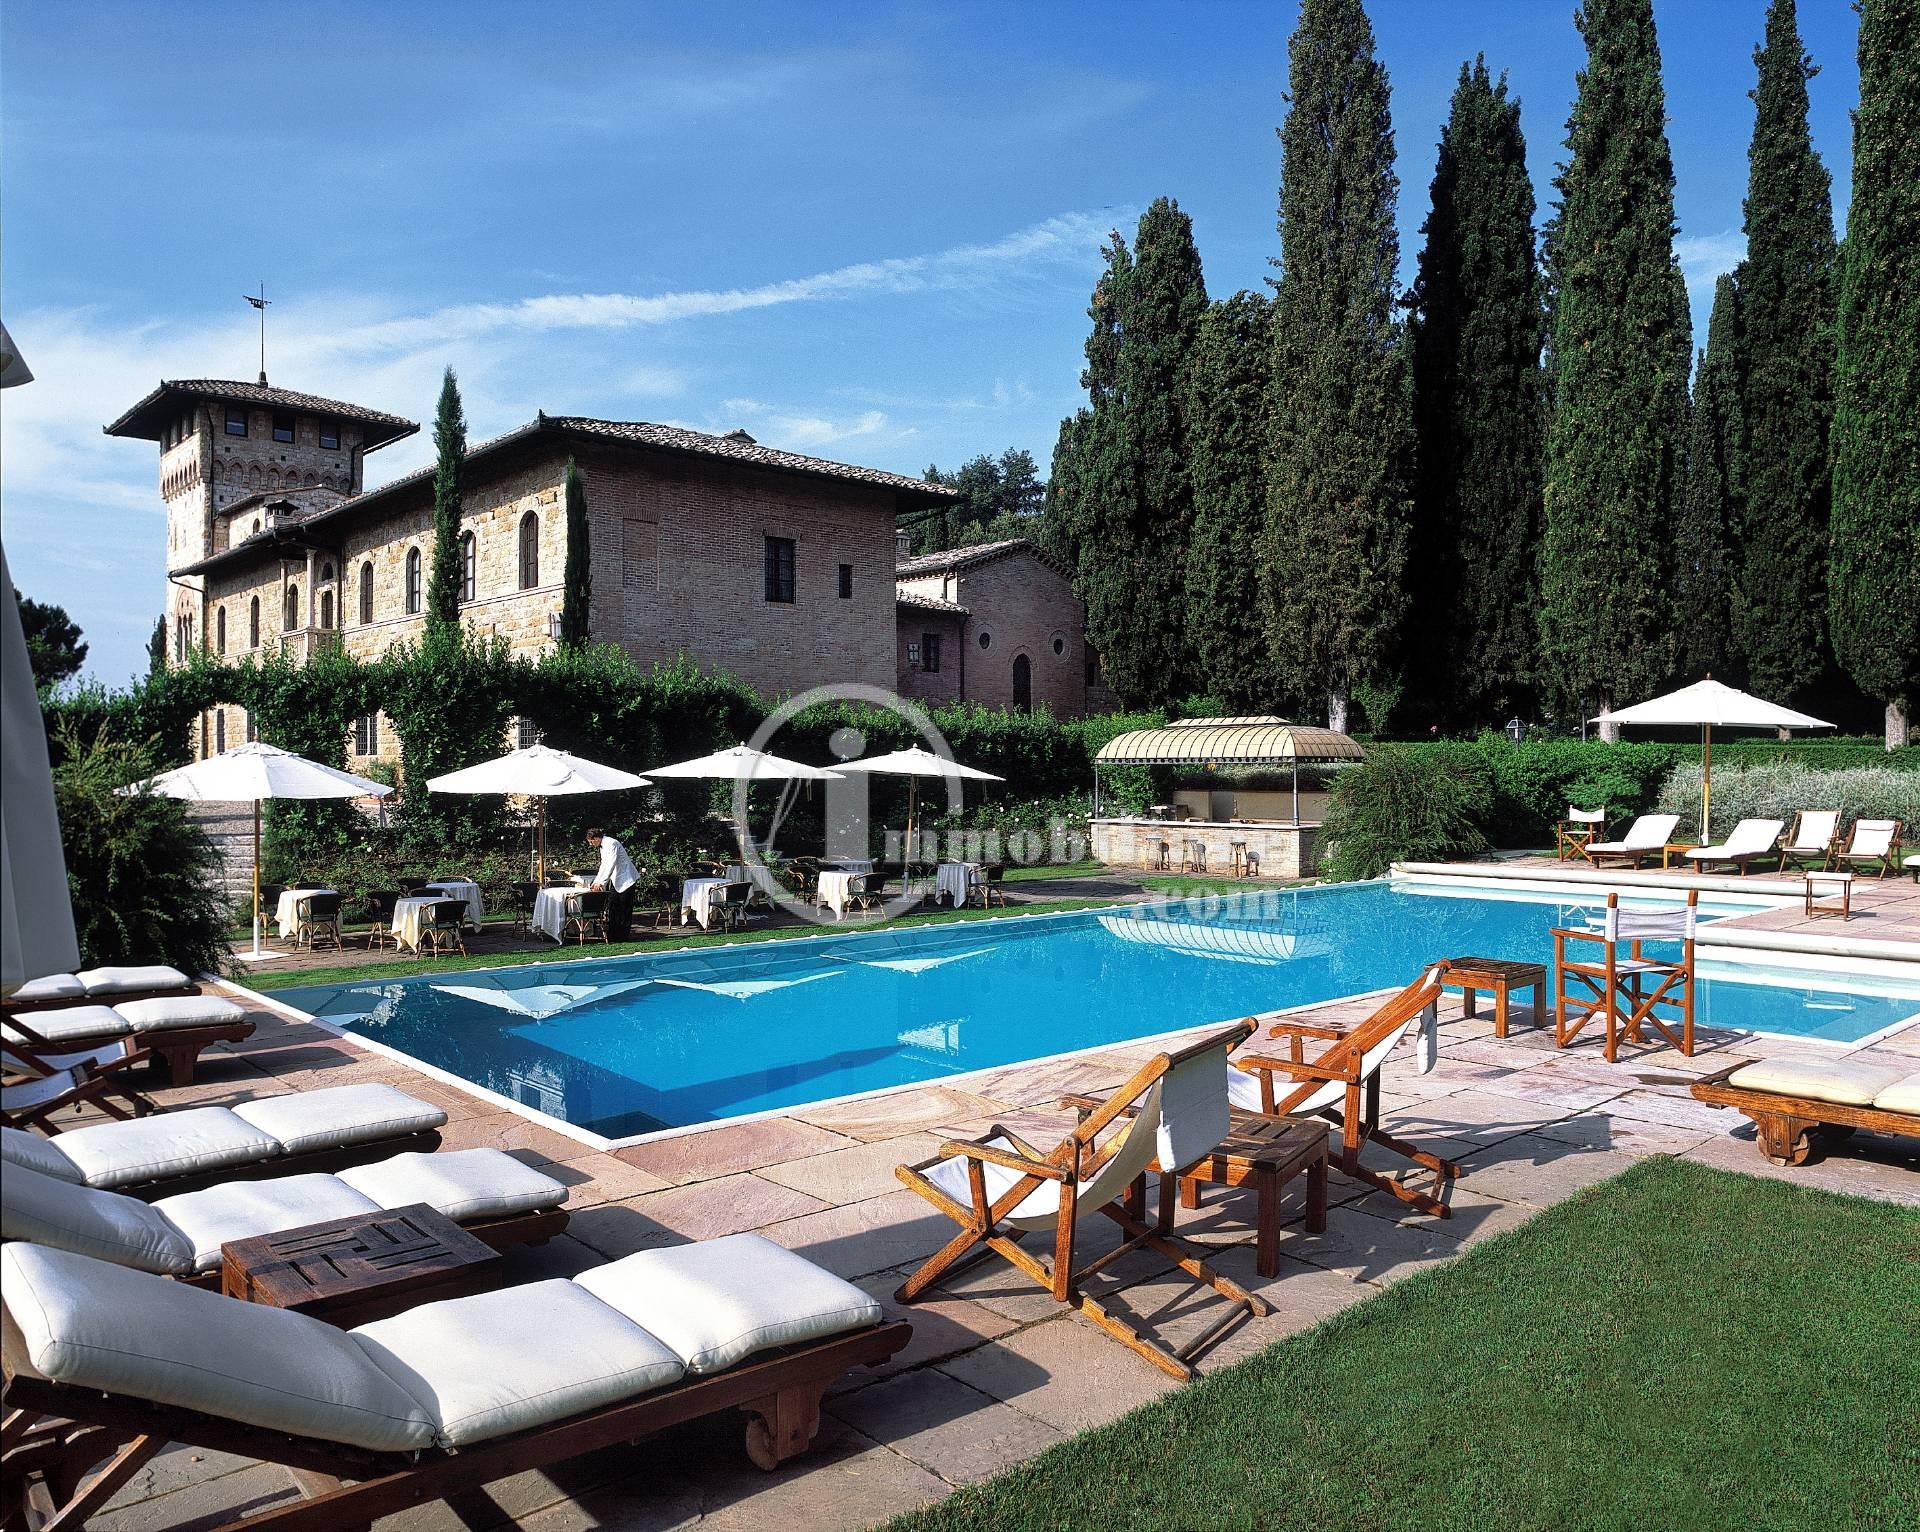 Albergo in Vendita a San Gimignano: 5 locali, 2400 mq